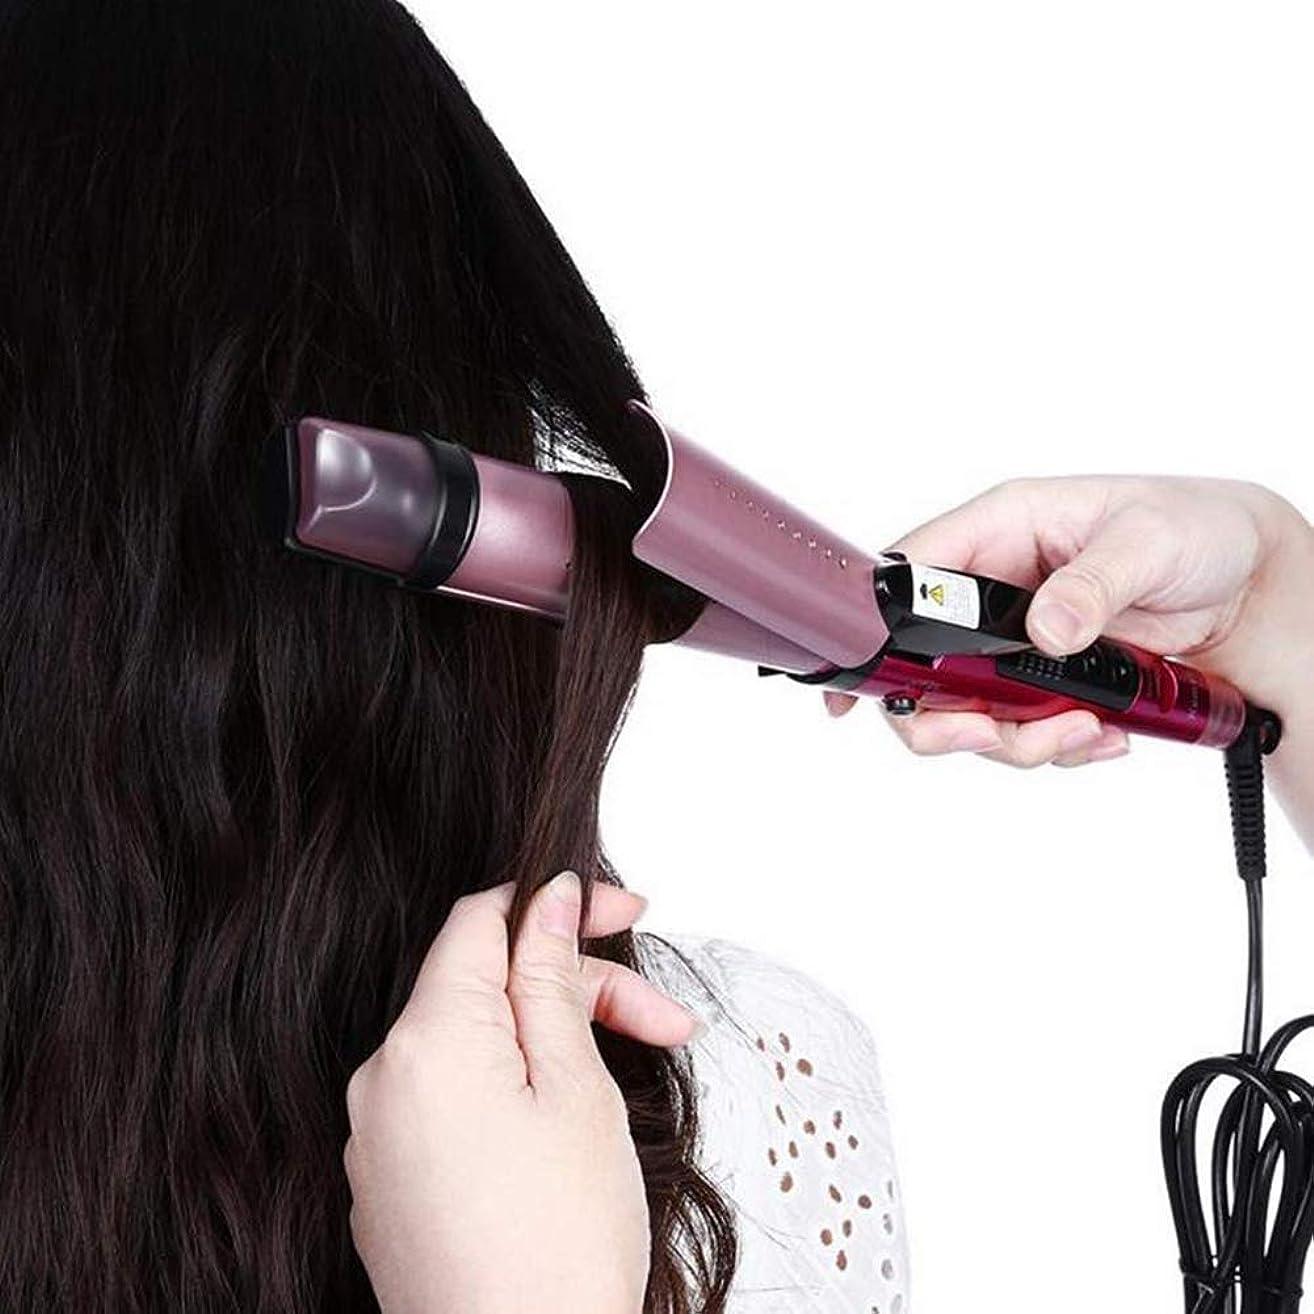 遺伝子リビングルームキャッチスチームストレートヘアコームマイナスイオンカーリングロッドストレートデュアルユース電動コイルロッドで髪を傷つけません(カラー:ローズレッド)